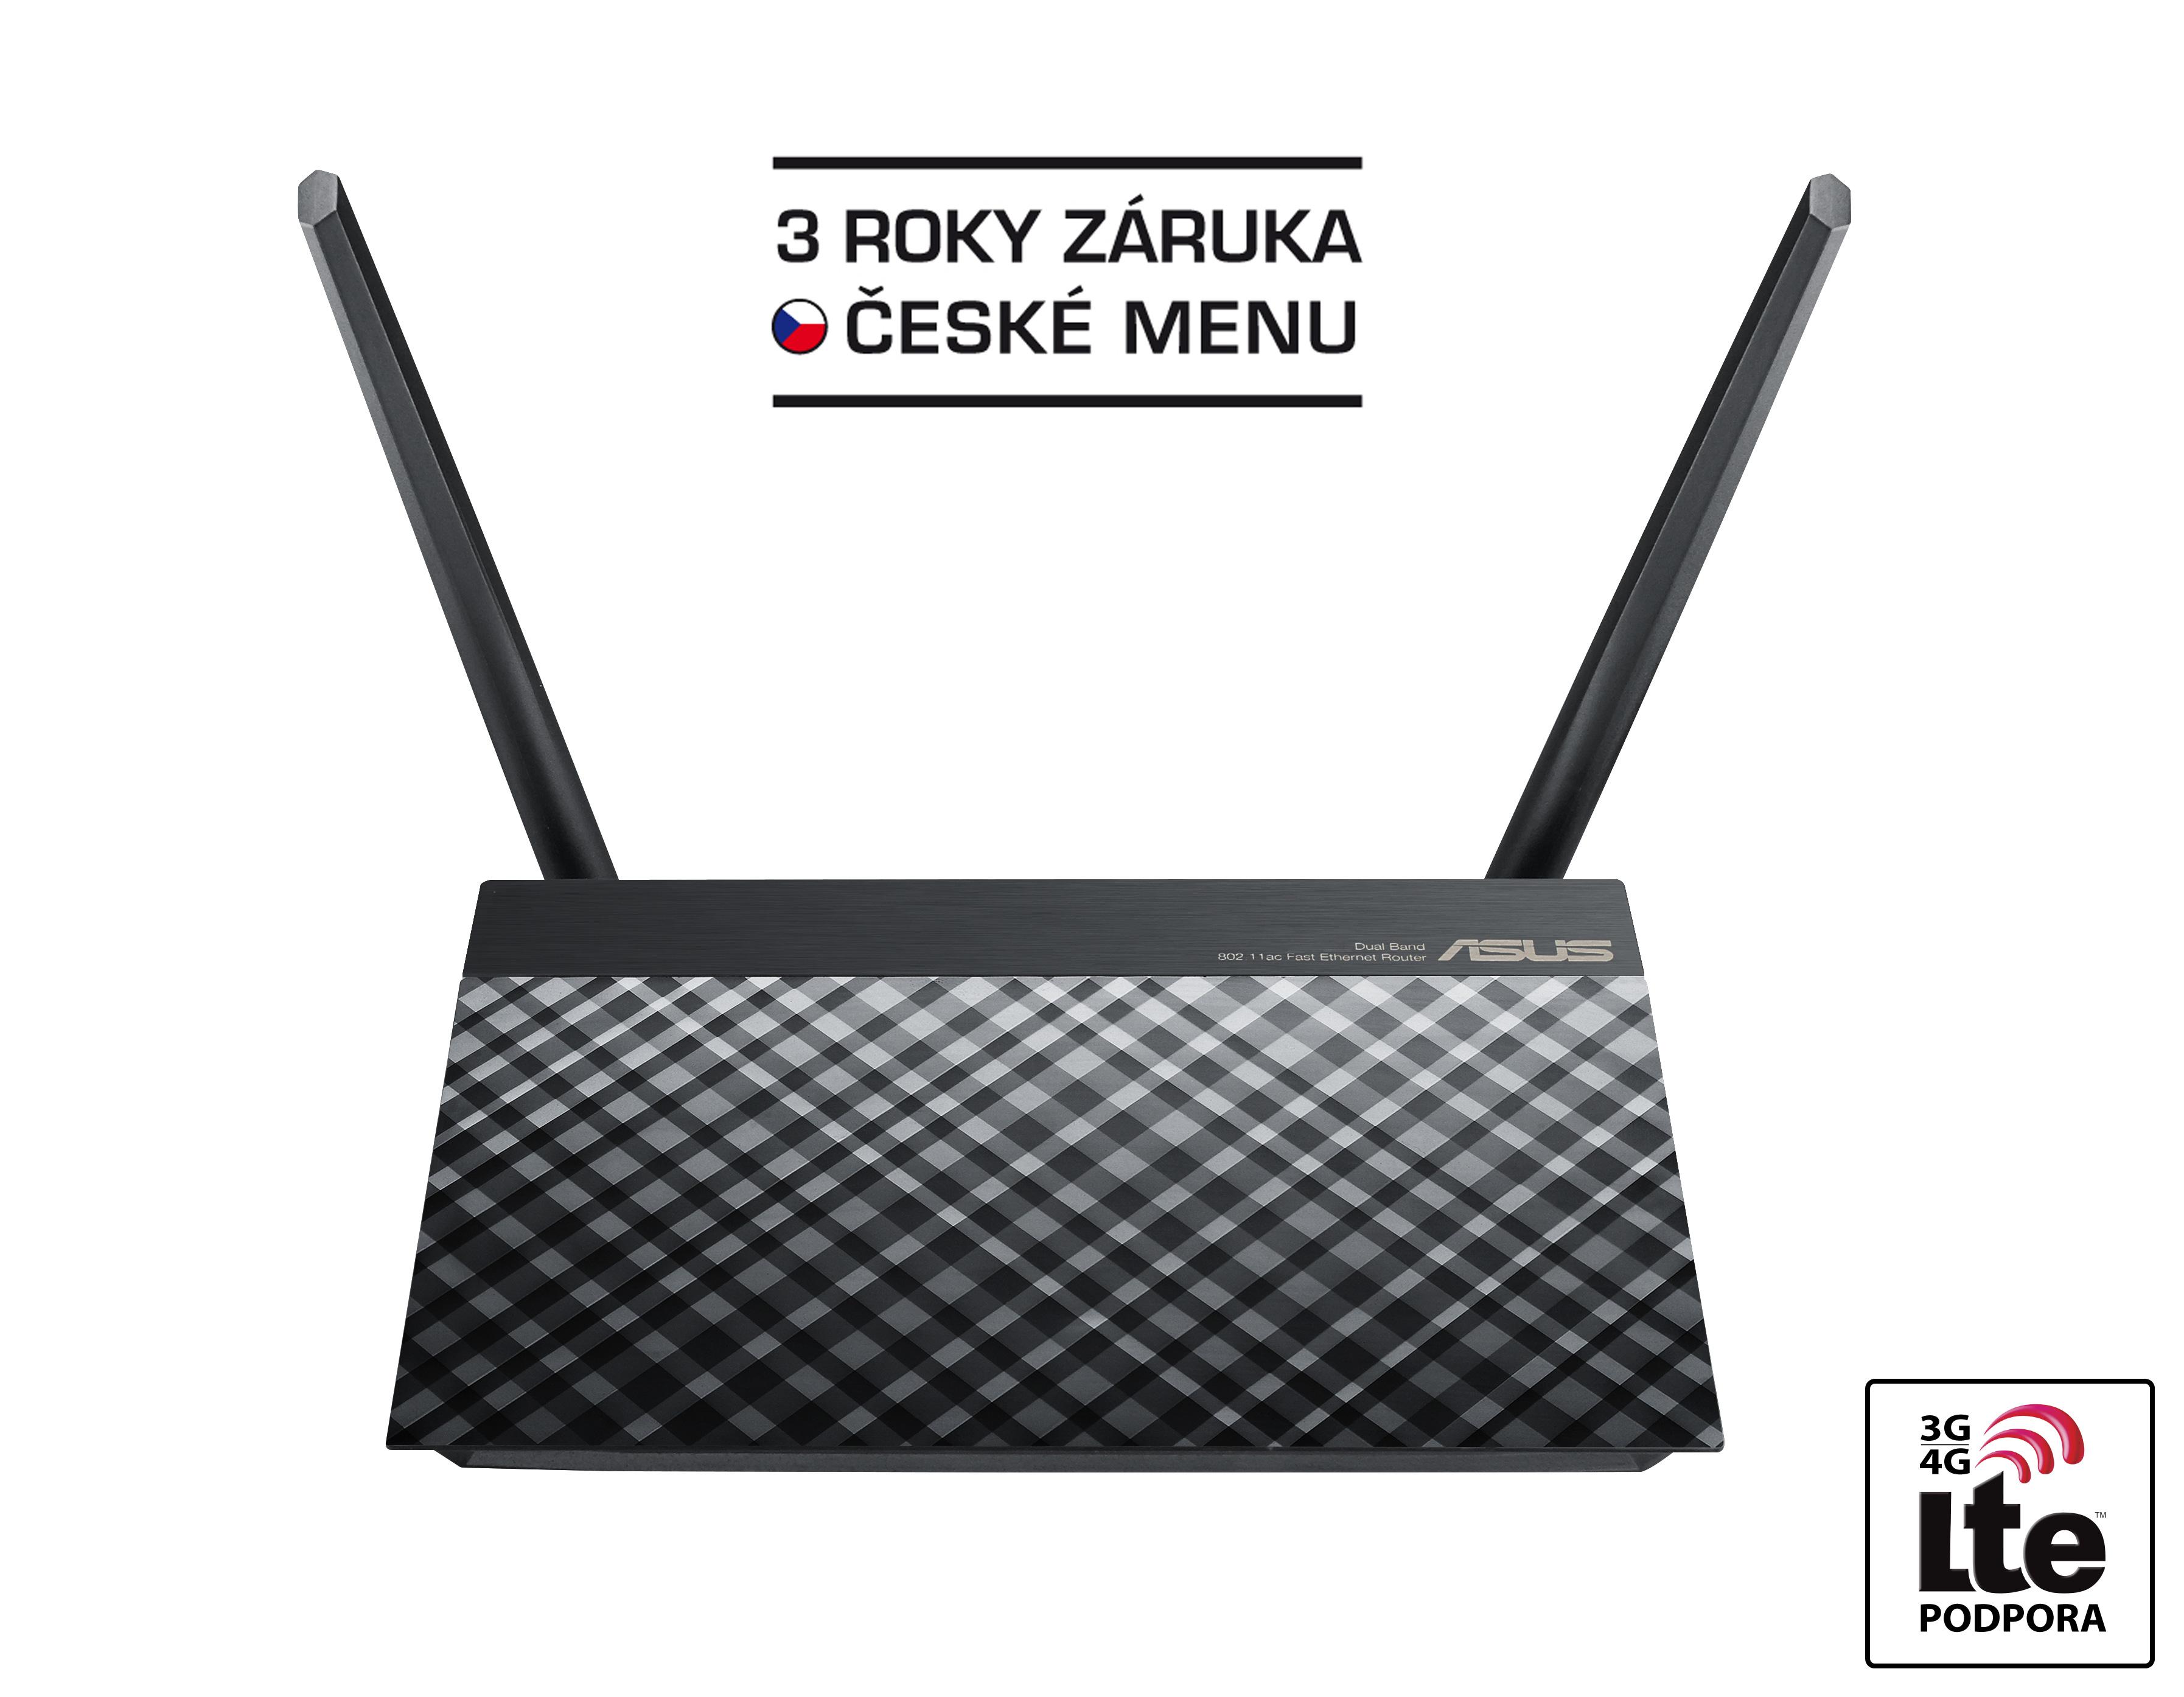 ASUS RT-AC750, Špičkový dvoupásmový bezdrátový router AC750 pro domácnosti i cloudové využití